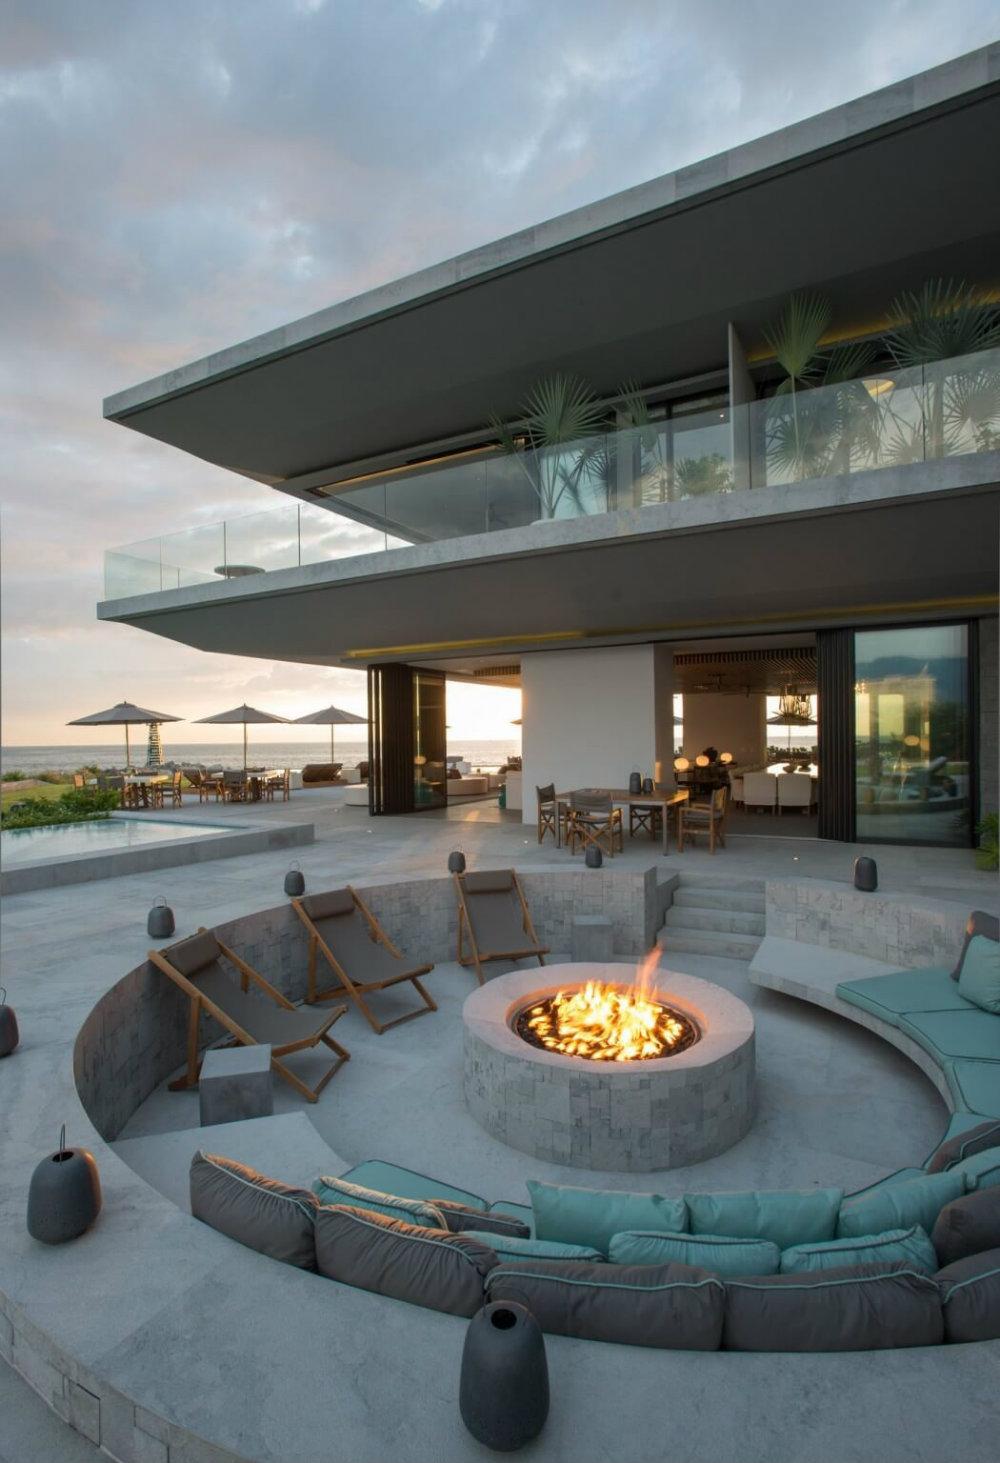 7 Outdoor Luxury Design Ideas 01 outdoor luxury design 7 Outdoor Luxury Design Ideas 7 Outdoor Luxury Design Ideas 01